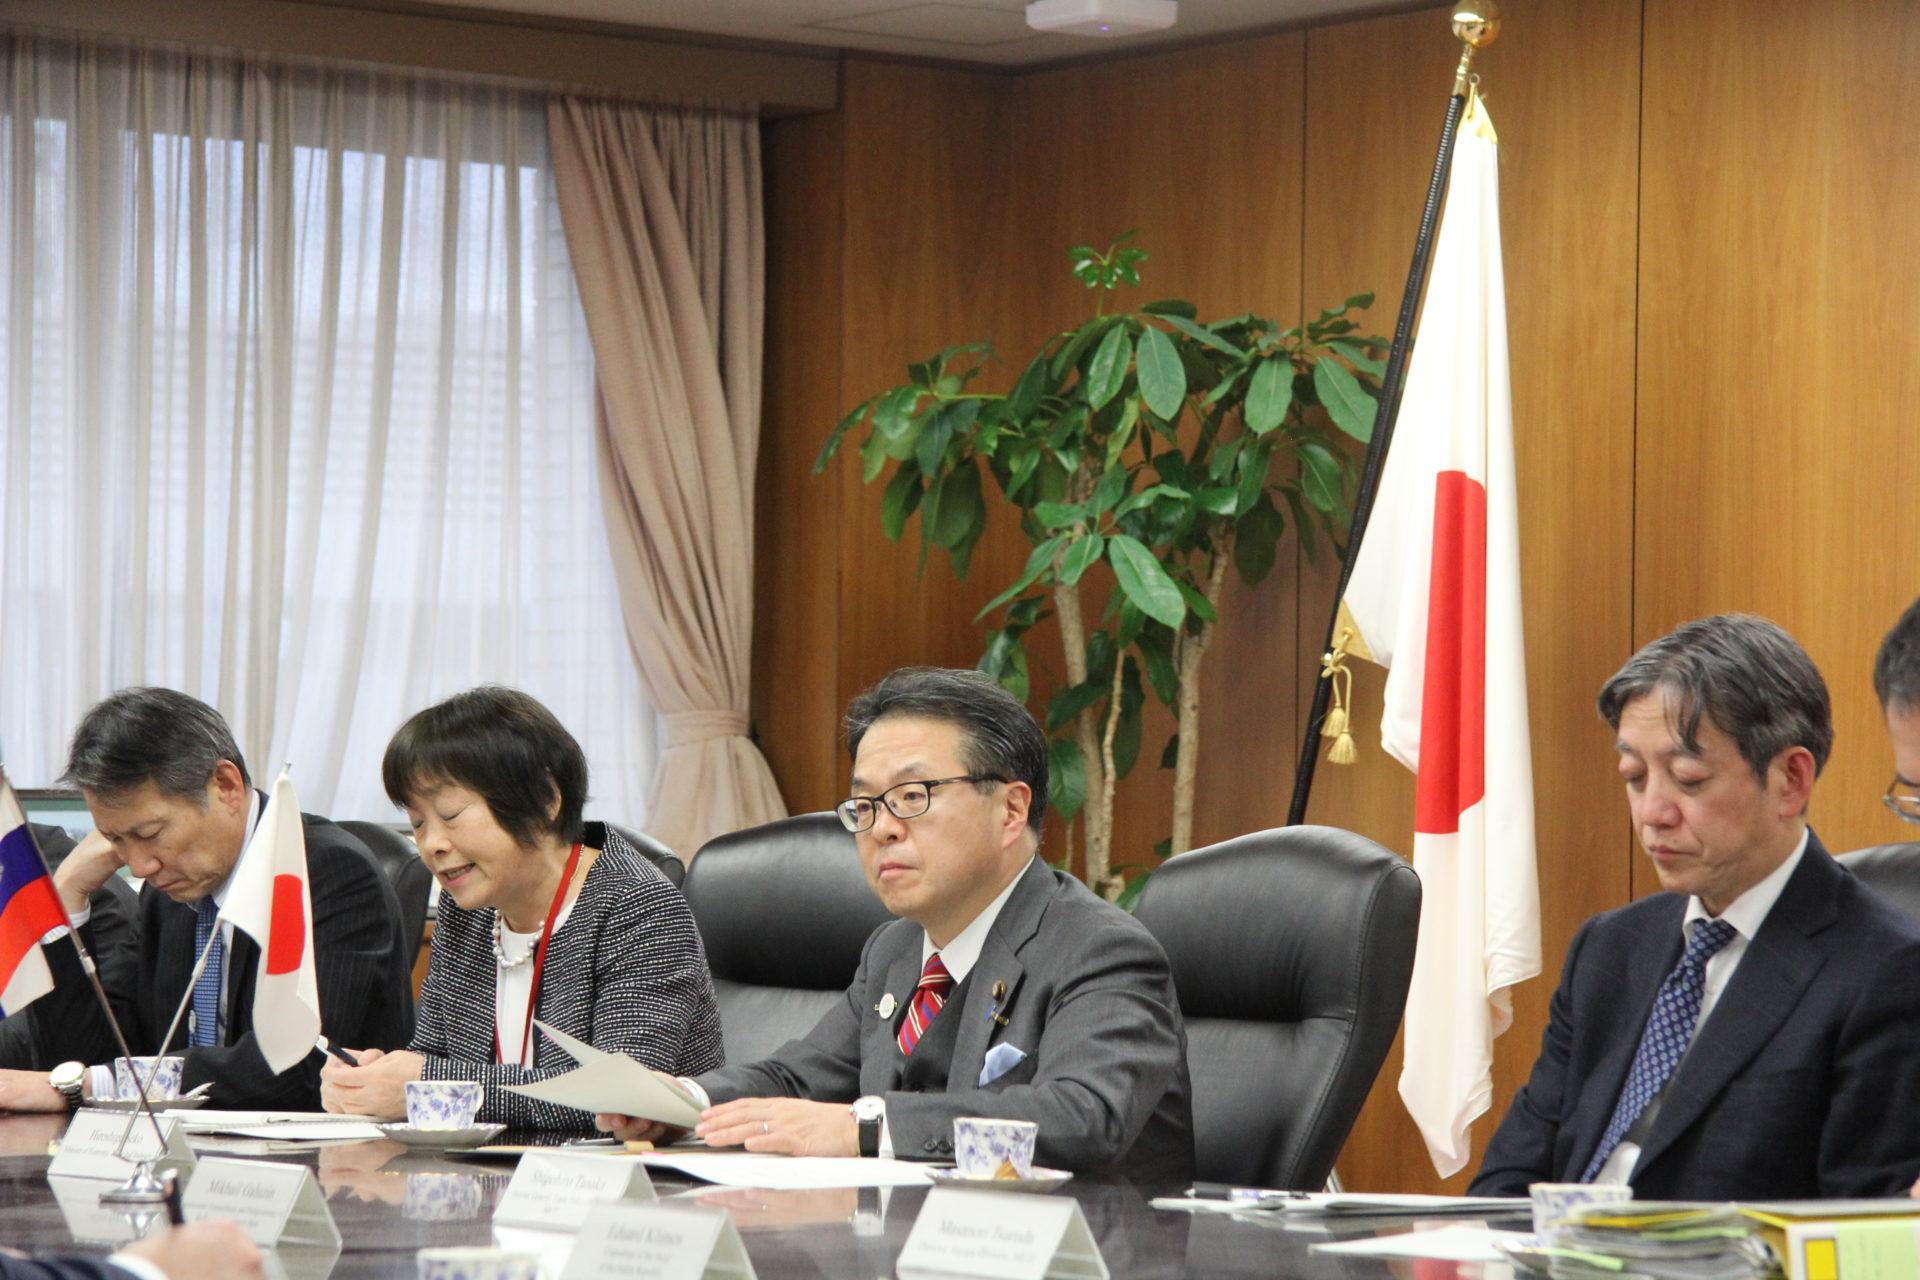 Айсен Николаев встретился с Министром промышленности и торговли Японии г-ном Хиросигэ Сэко